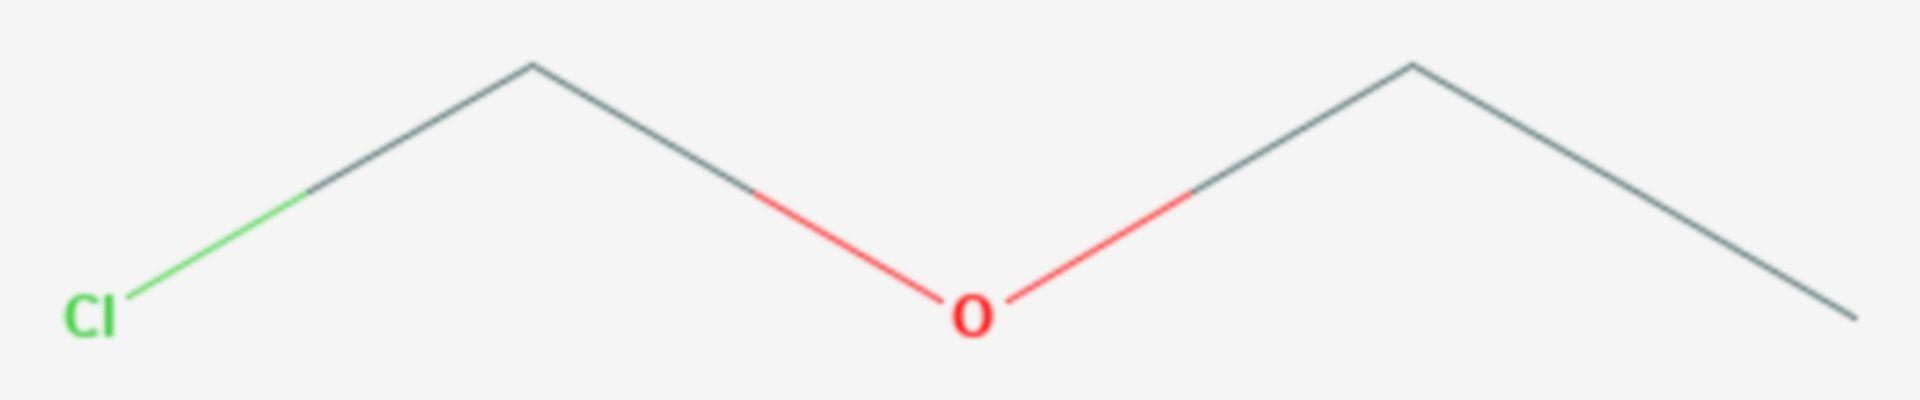 Chlormethylethylether (Strukturformel)